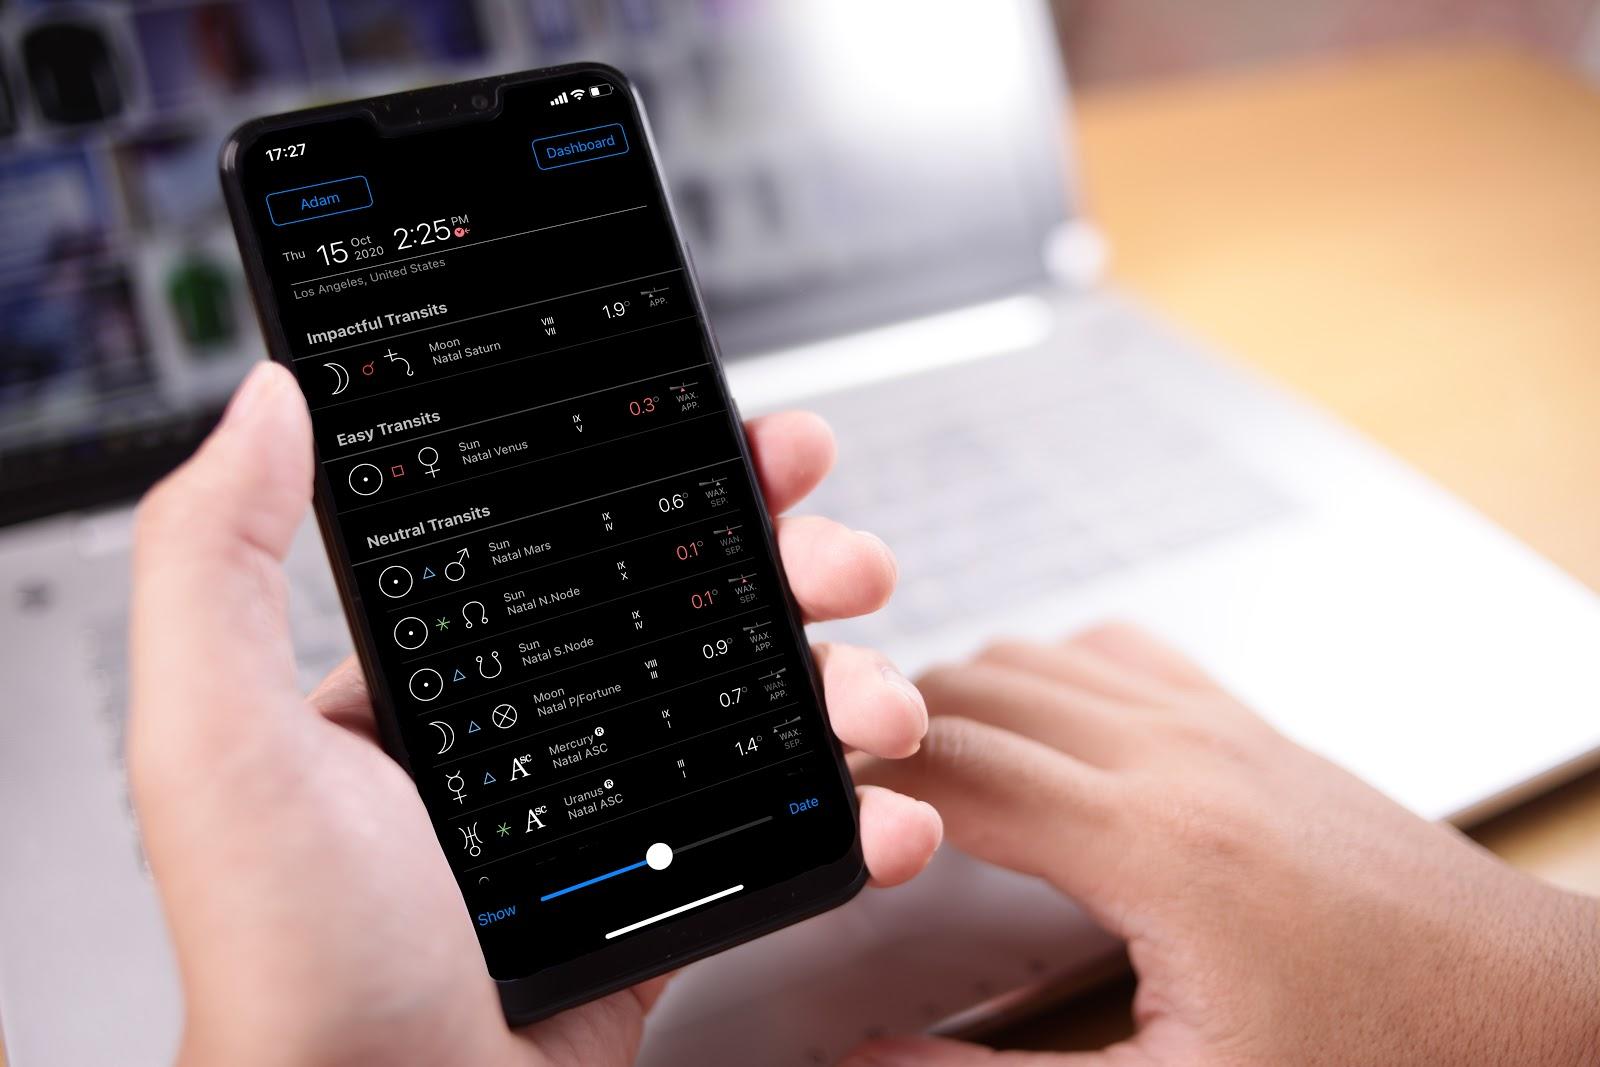 class Ổn App 5 Ứng dụng horoscope coacute trải nghiệm xịn nhất năm 2020 8